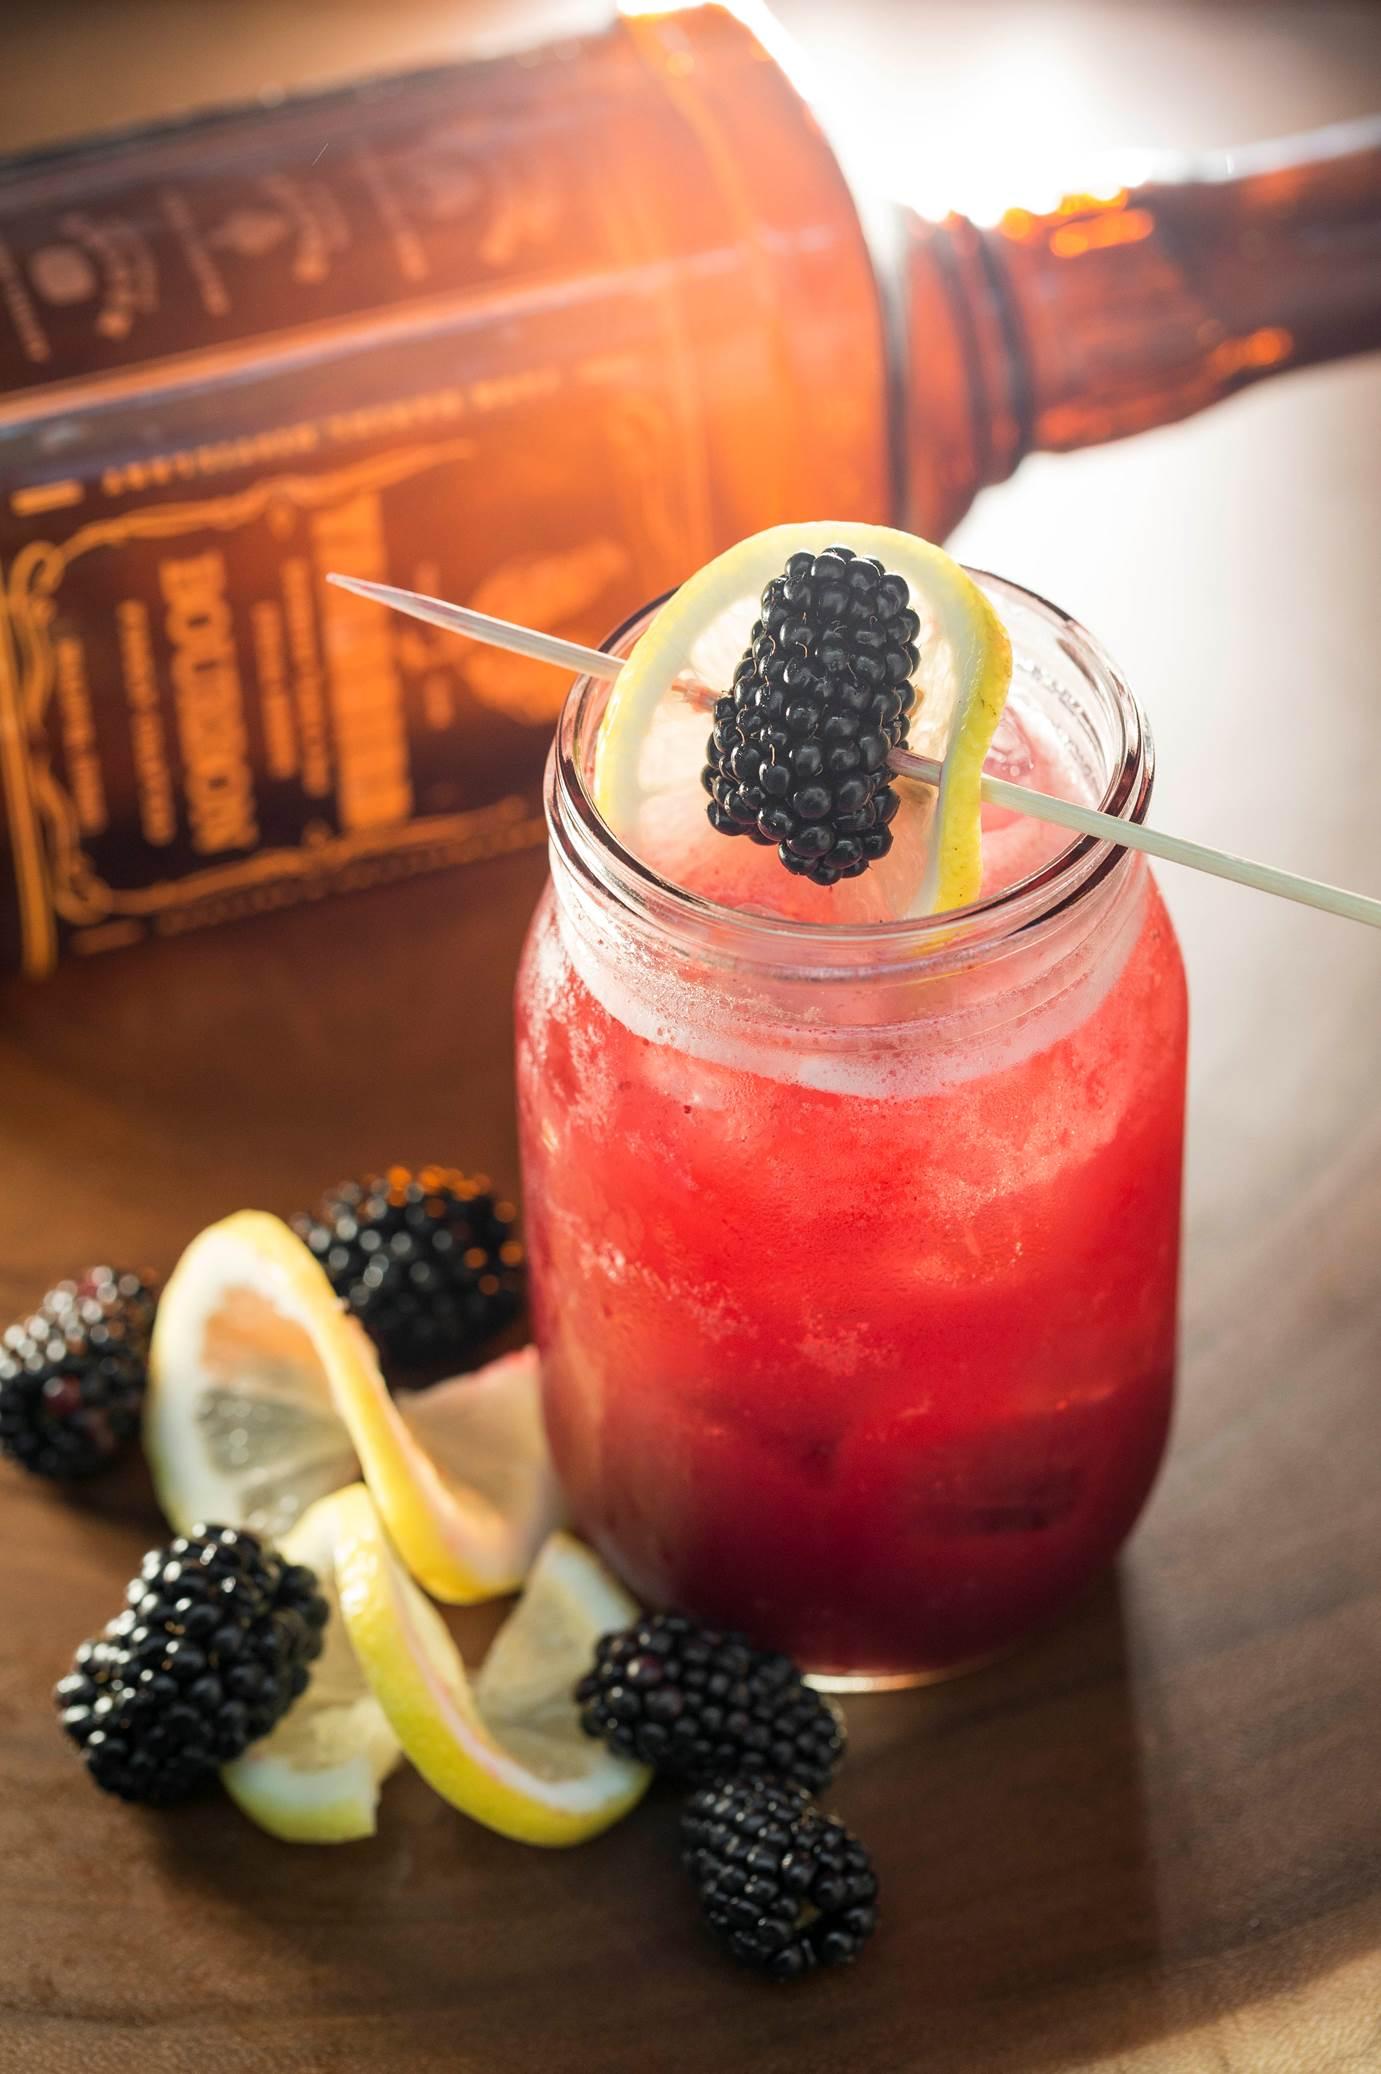 Yardbird Southern Table & Bar Blackberry Bourbon Lemonade